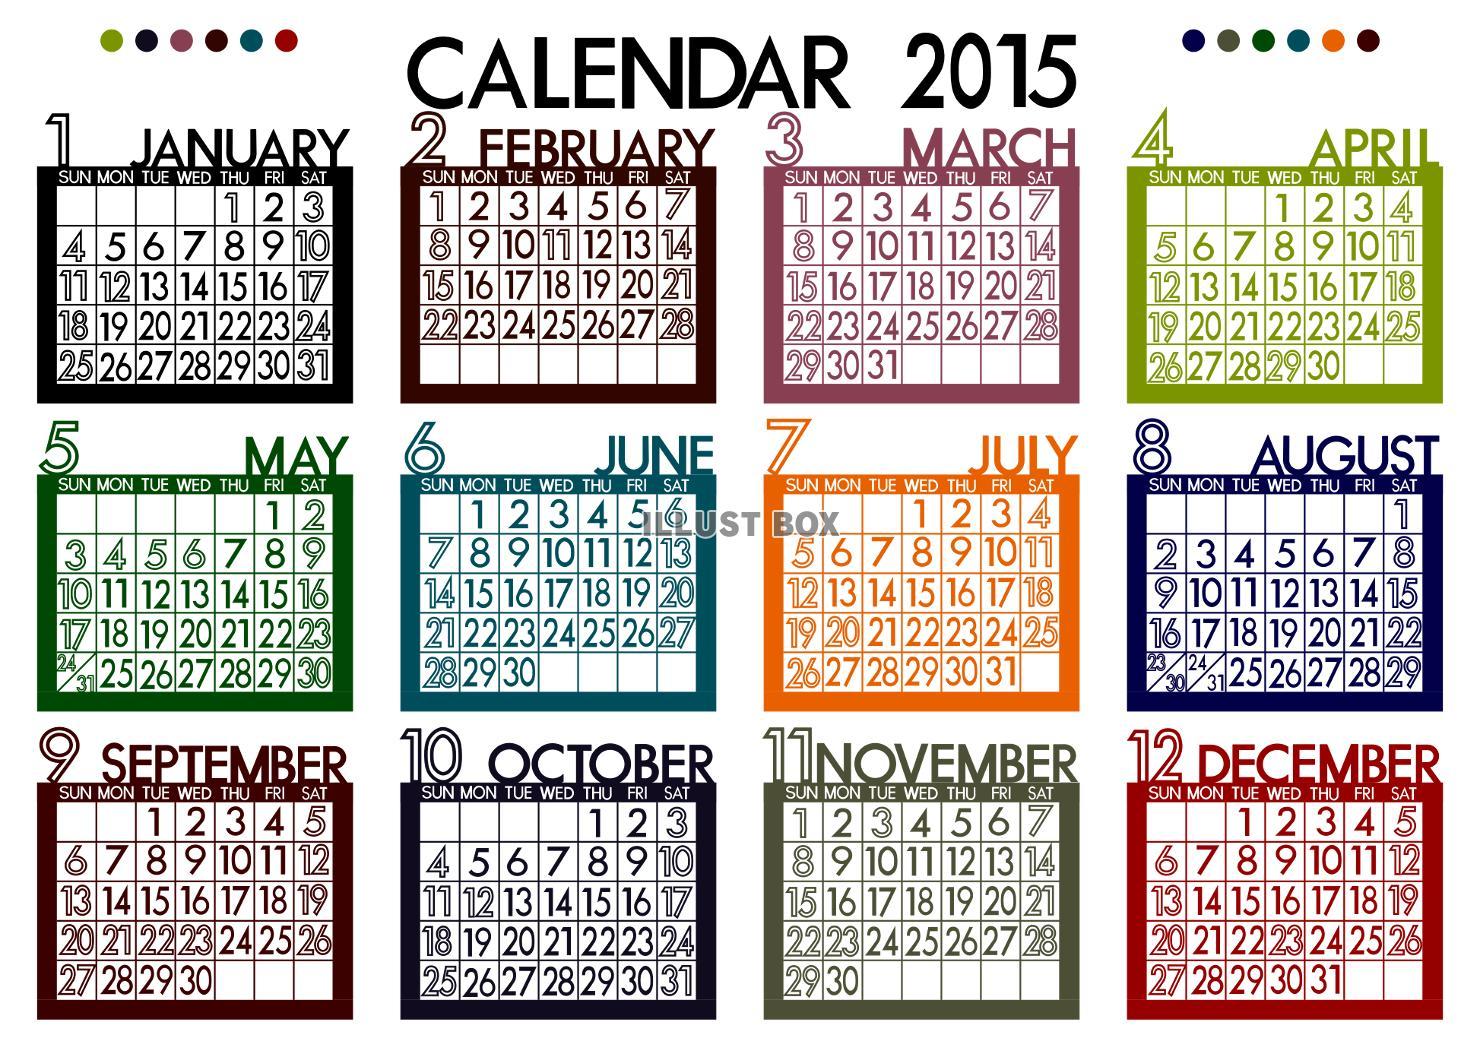 シンプル?可愛い?2016年無料ダウンロードでカレンダーを印刷♪のサムネイル画像